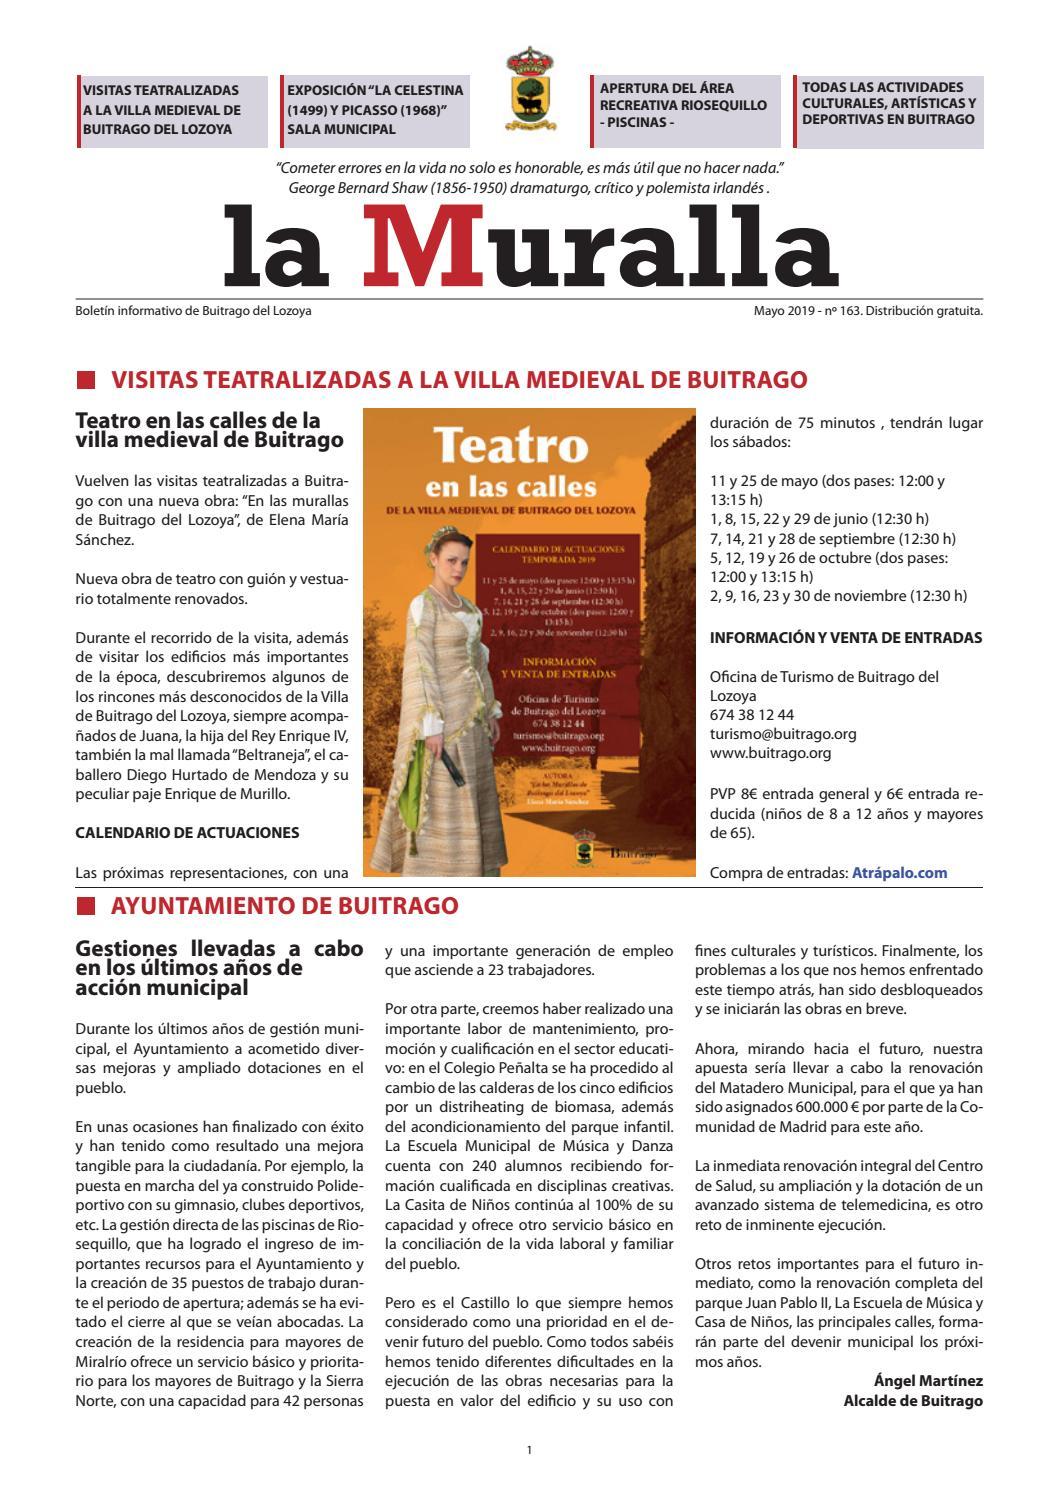 Calendario Atrapalo.La Muralla Mayo 2019 By Ayuntamiento De Buitrago Del Lozoya Issuu